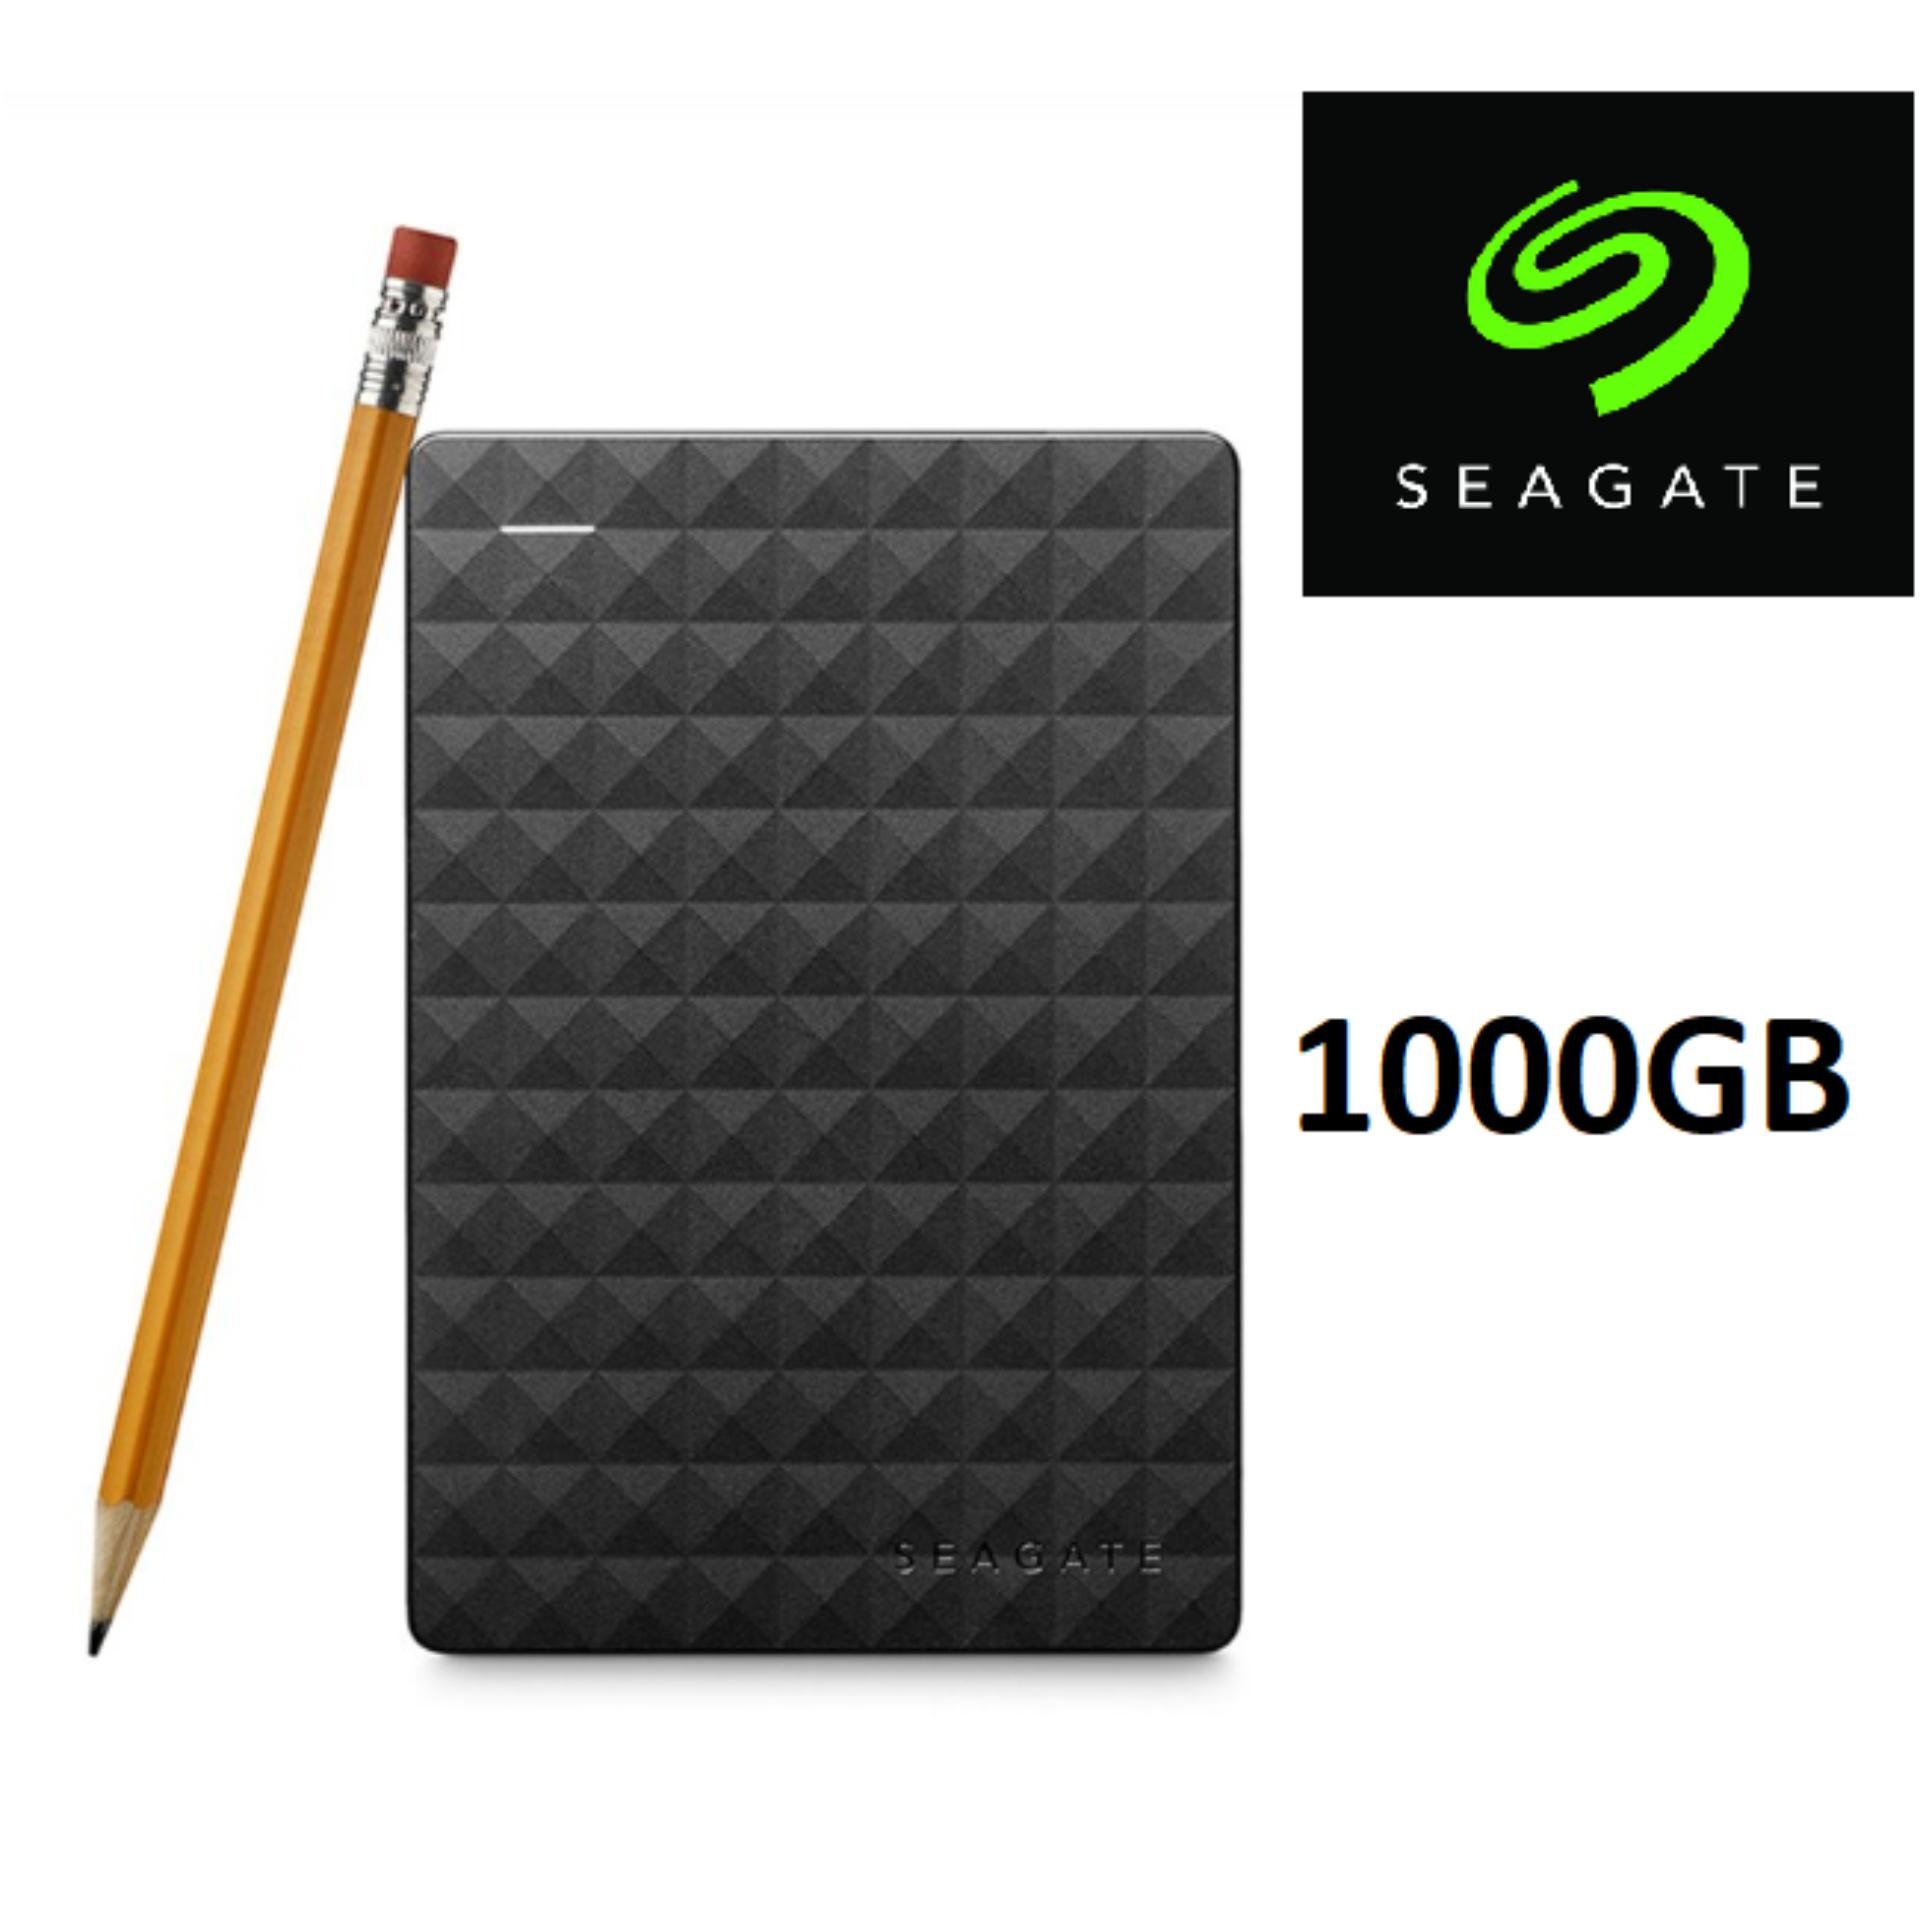 Ổ Cứng Di Động 1TB 3.0 Seagate Expansion - Bảo hành 24 tháng 1 đổi 1 Hàng Nhập Khẩu - Tặng túi chống sốc